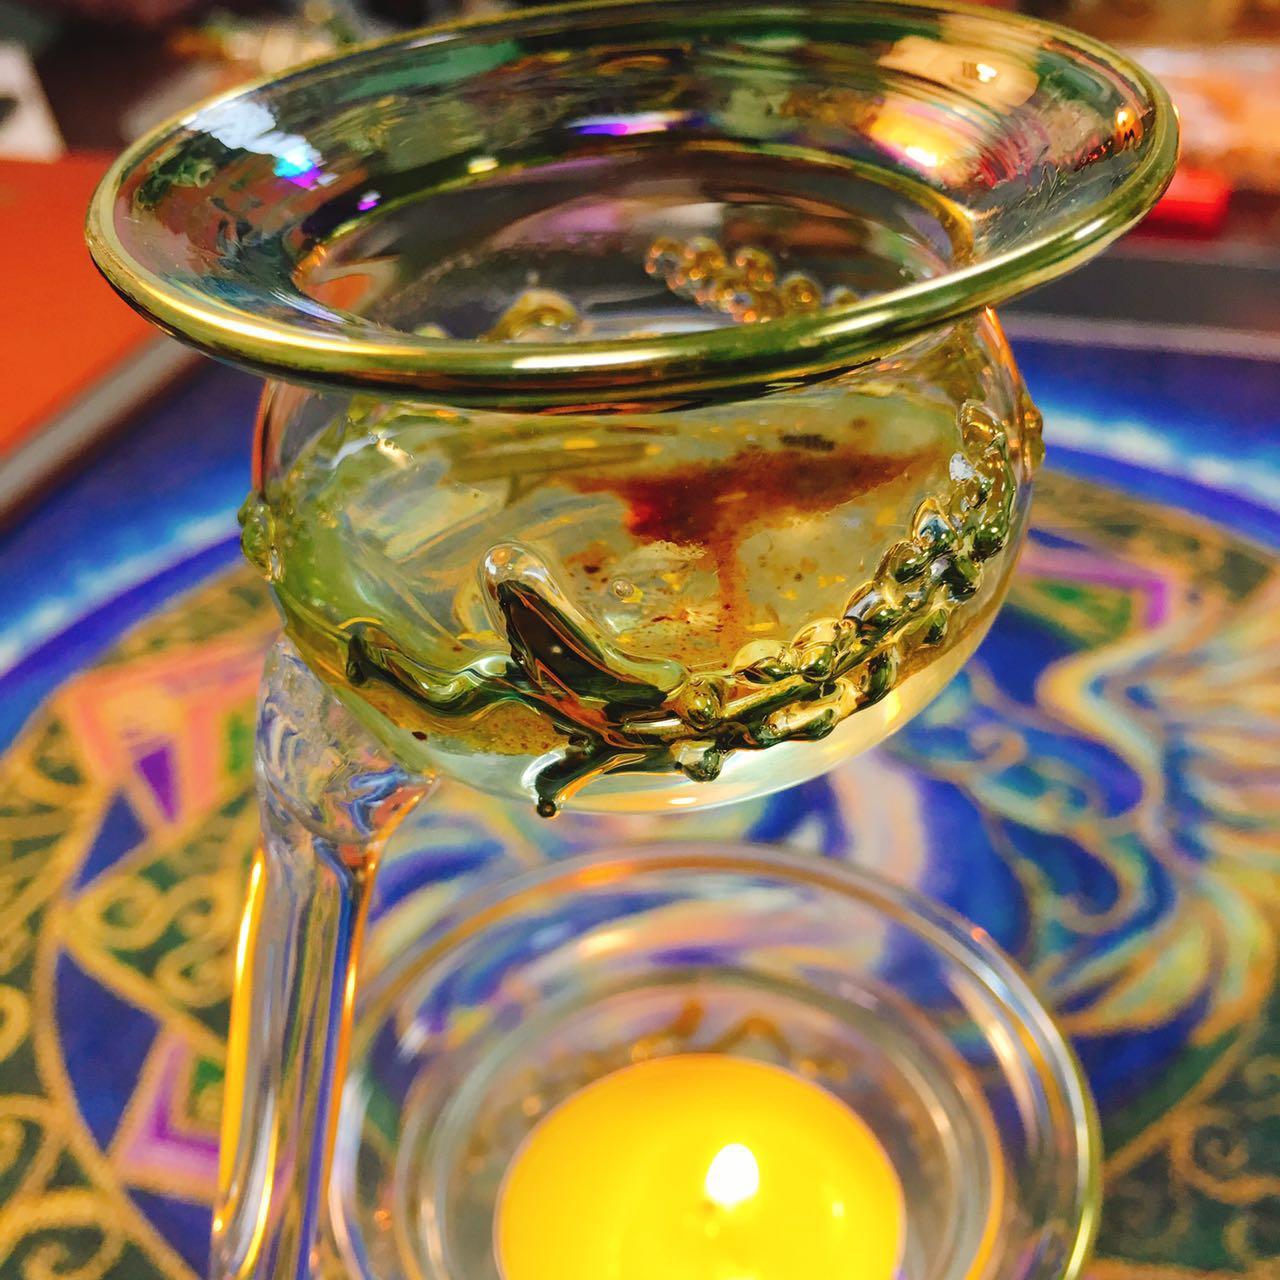 埃及特色绿龙香薰灯 蜡烛 香精瓶魔法玻璃装饰旅 祭坛仪式蜡烛